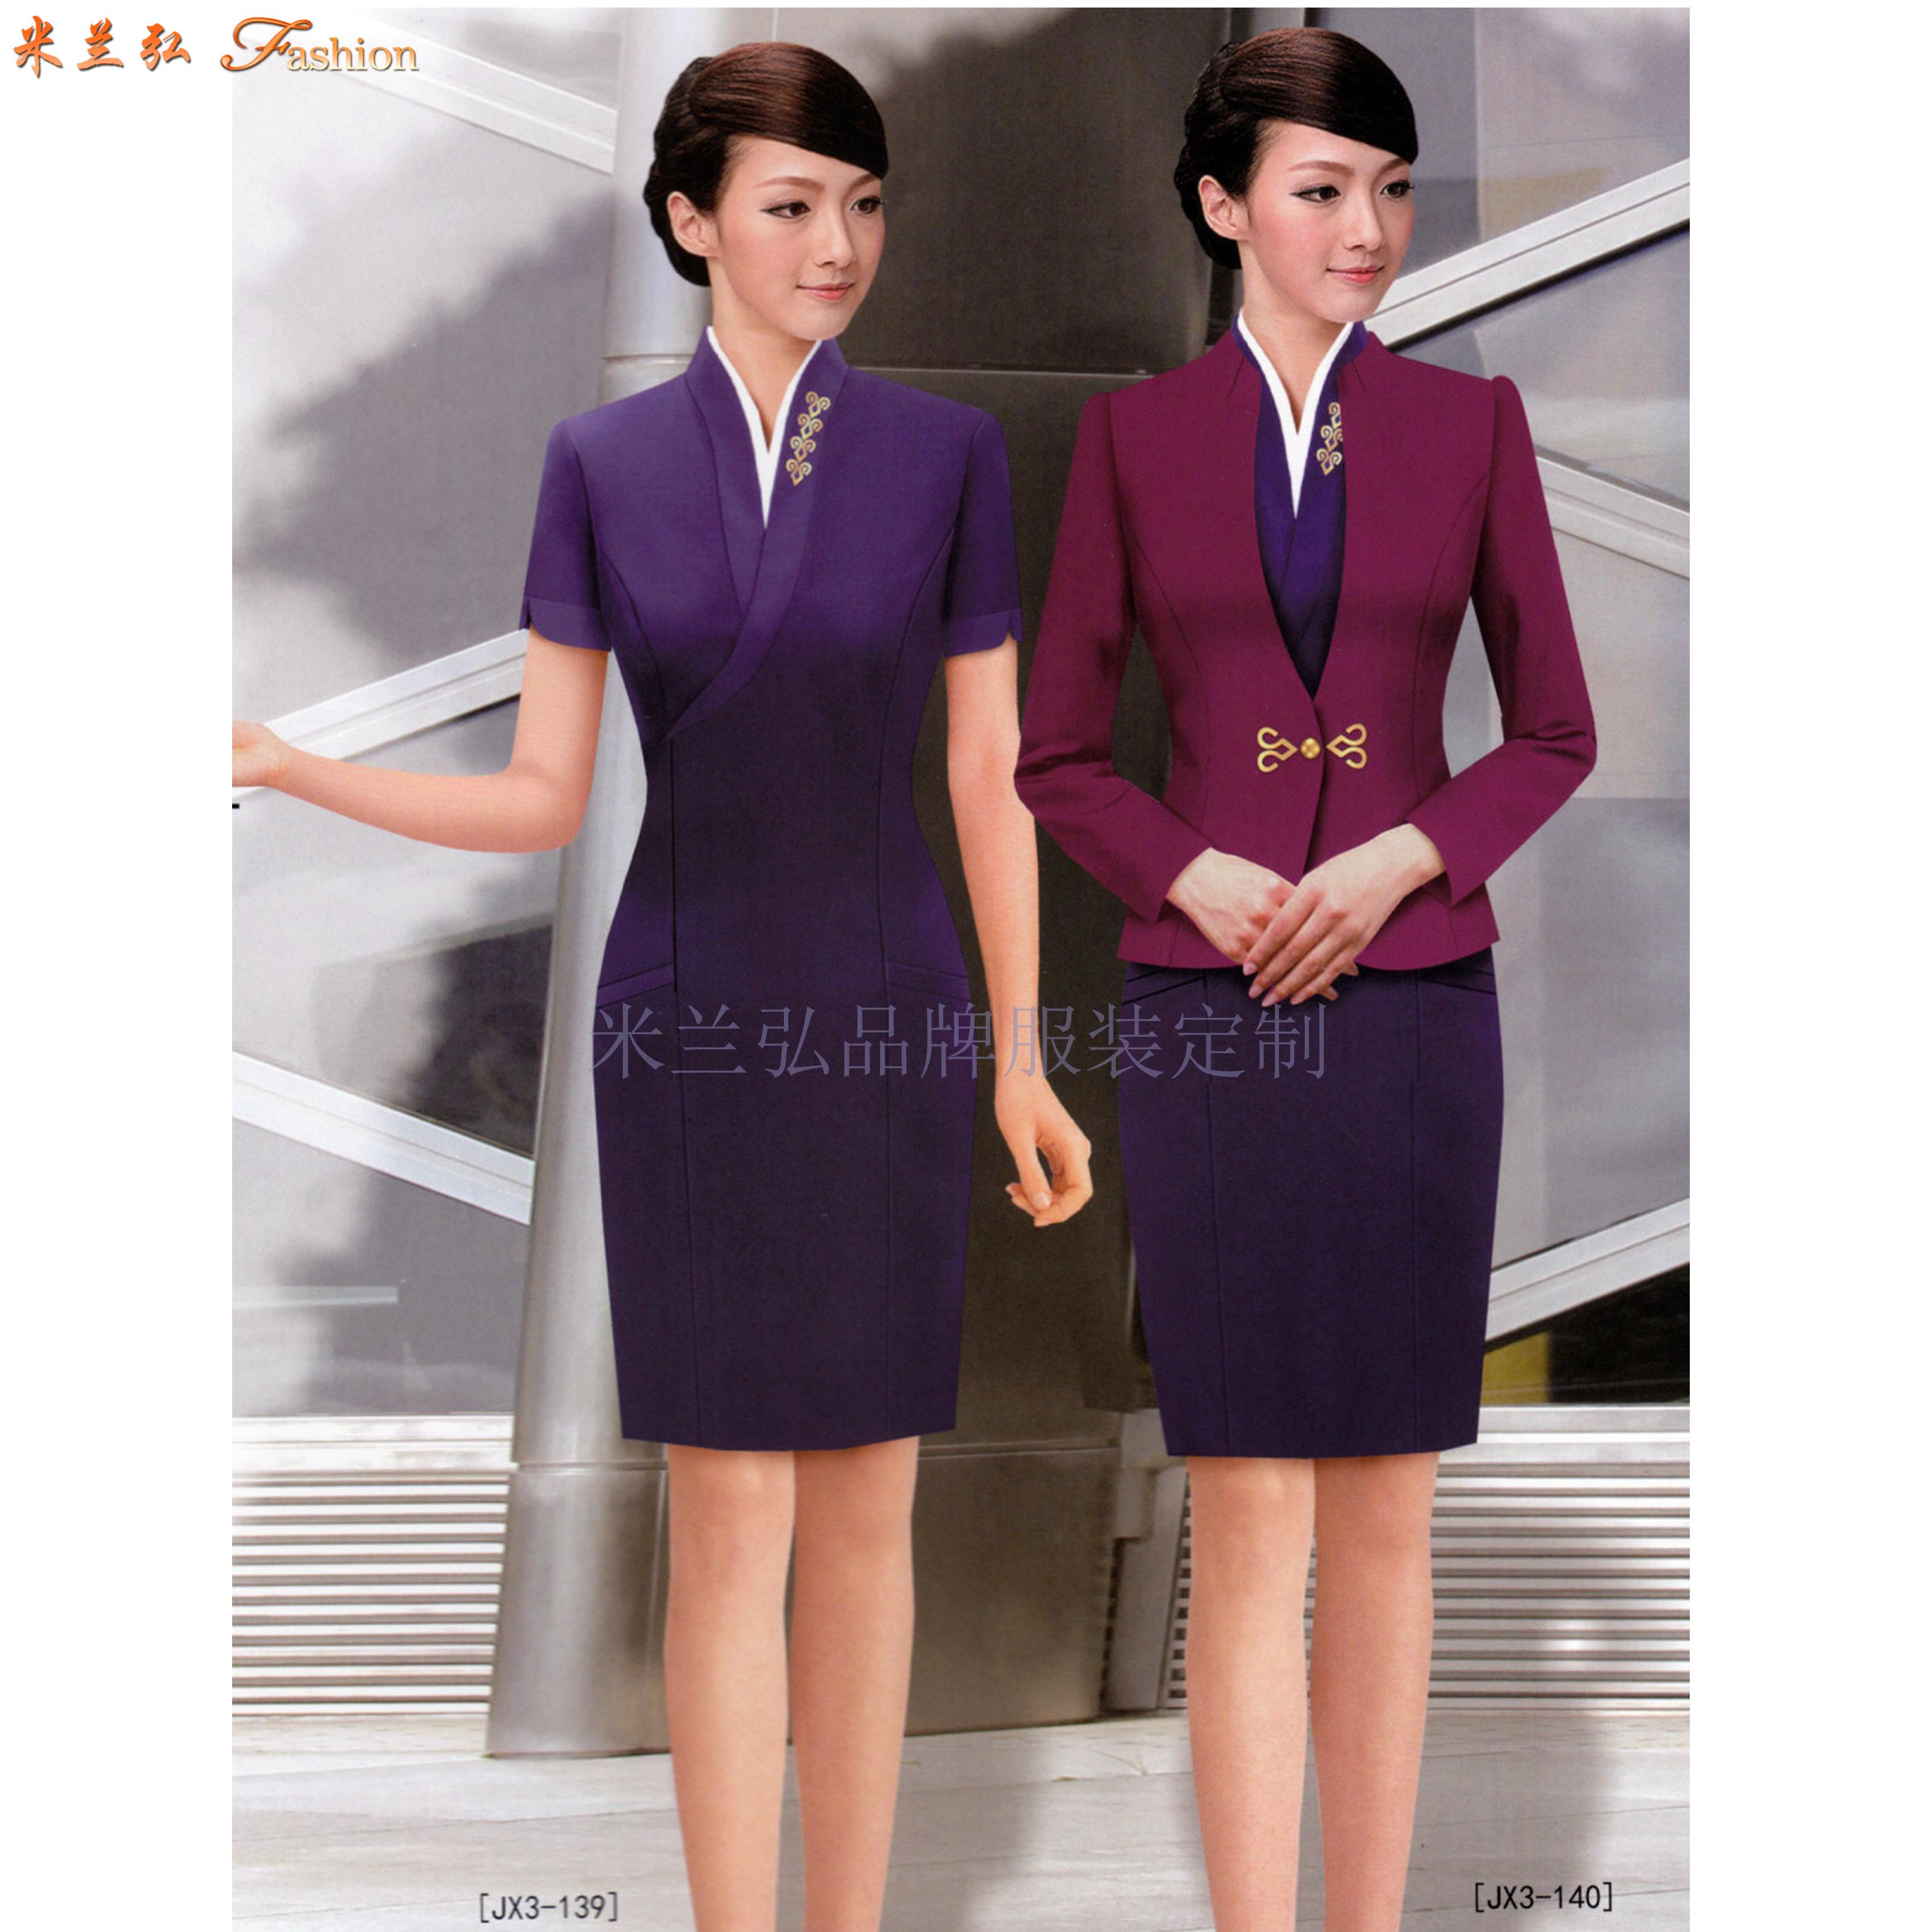 机场工作服-北京大兴国际机场地勤VIP、客服职业装量身定做-4